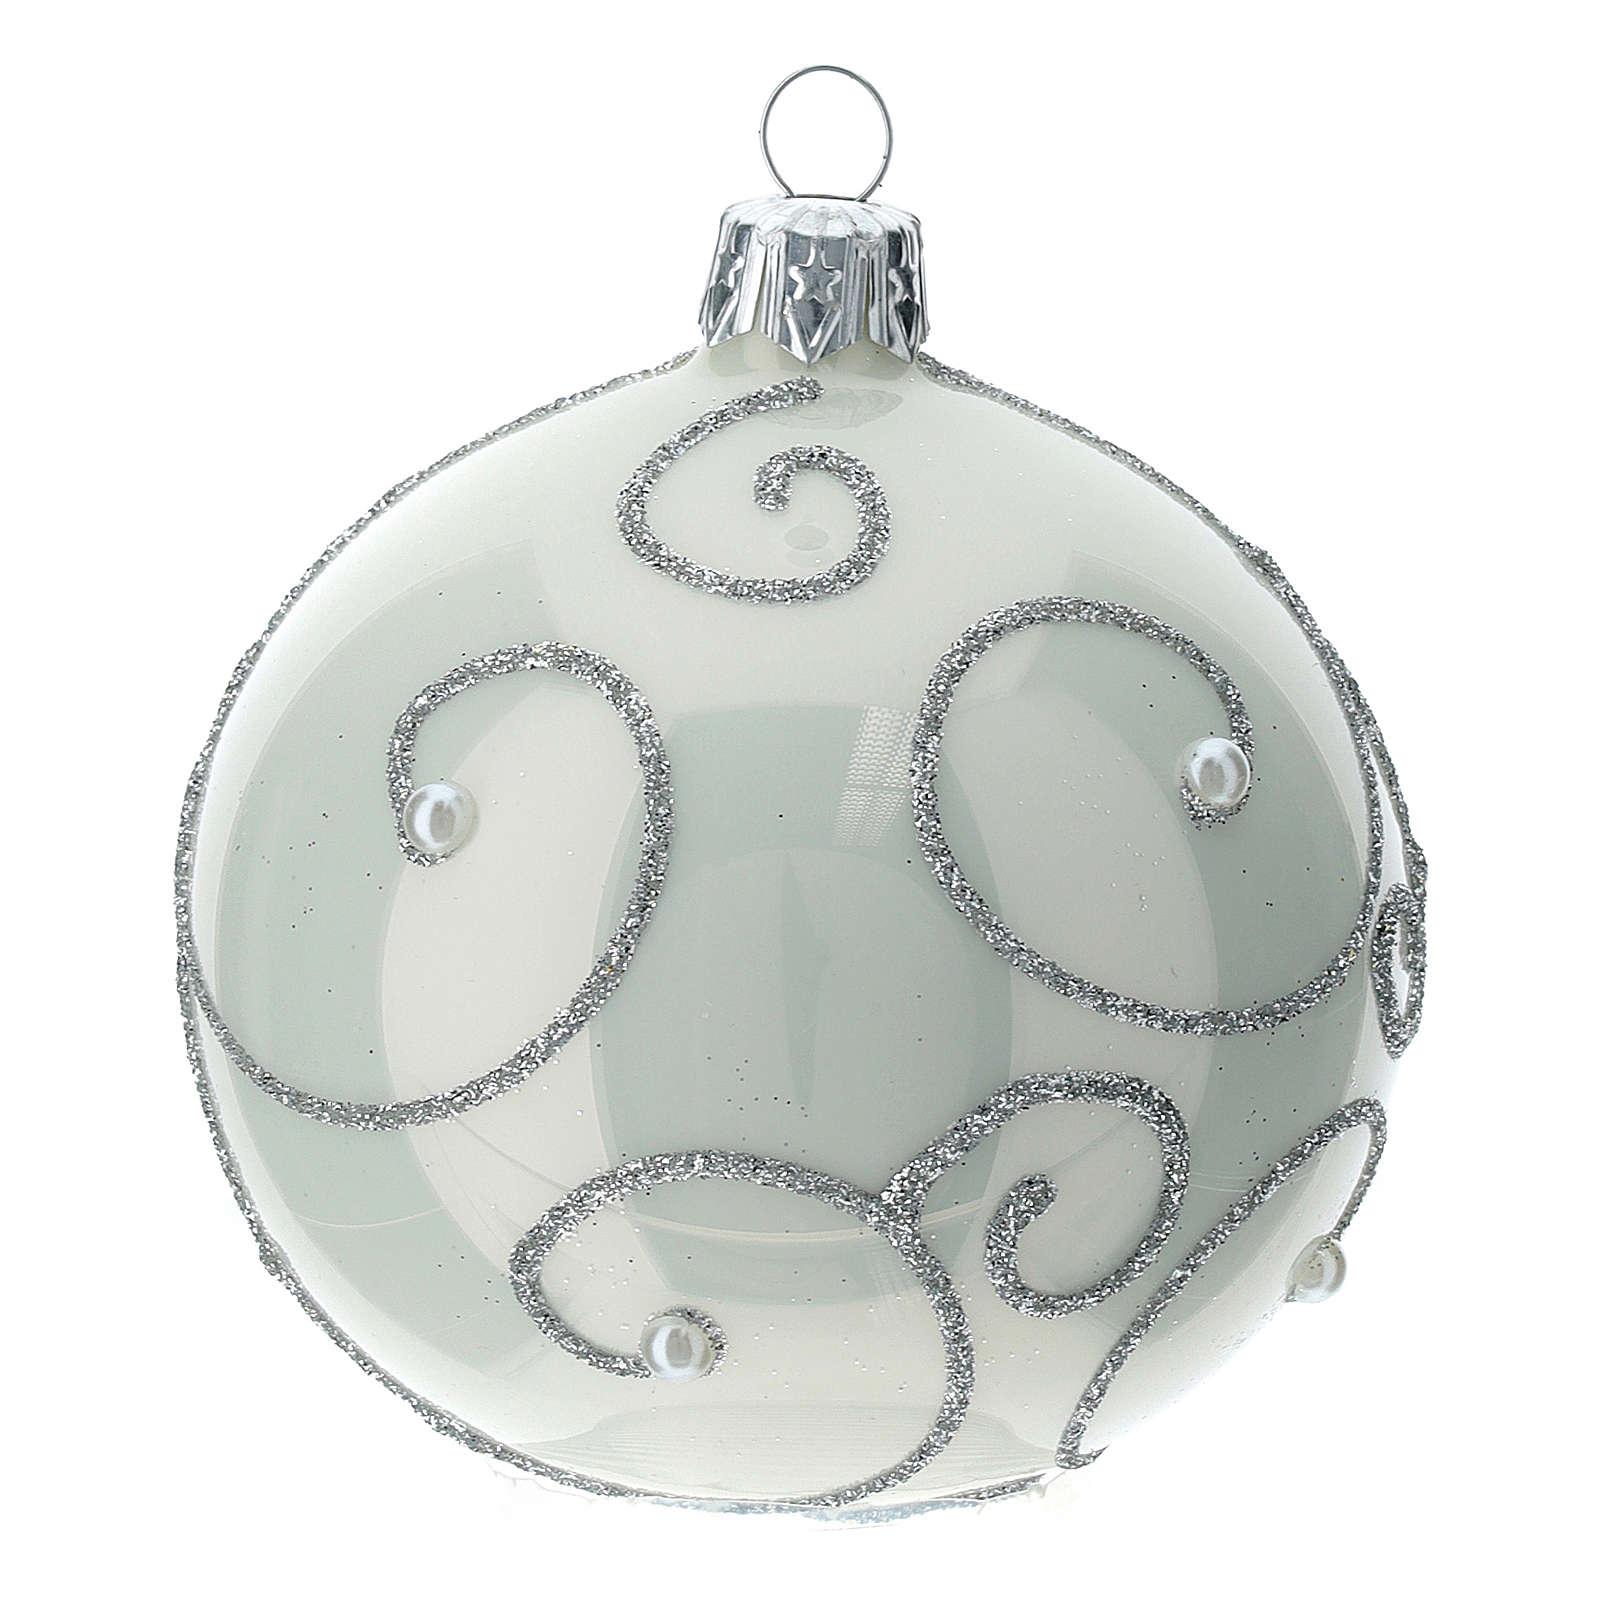 STOCK Bolas árbol de Navidad vidrio blanco decoración plata 80 mm 6 piezas 4